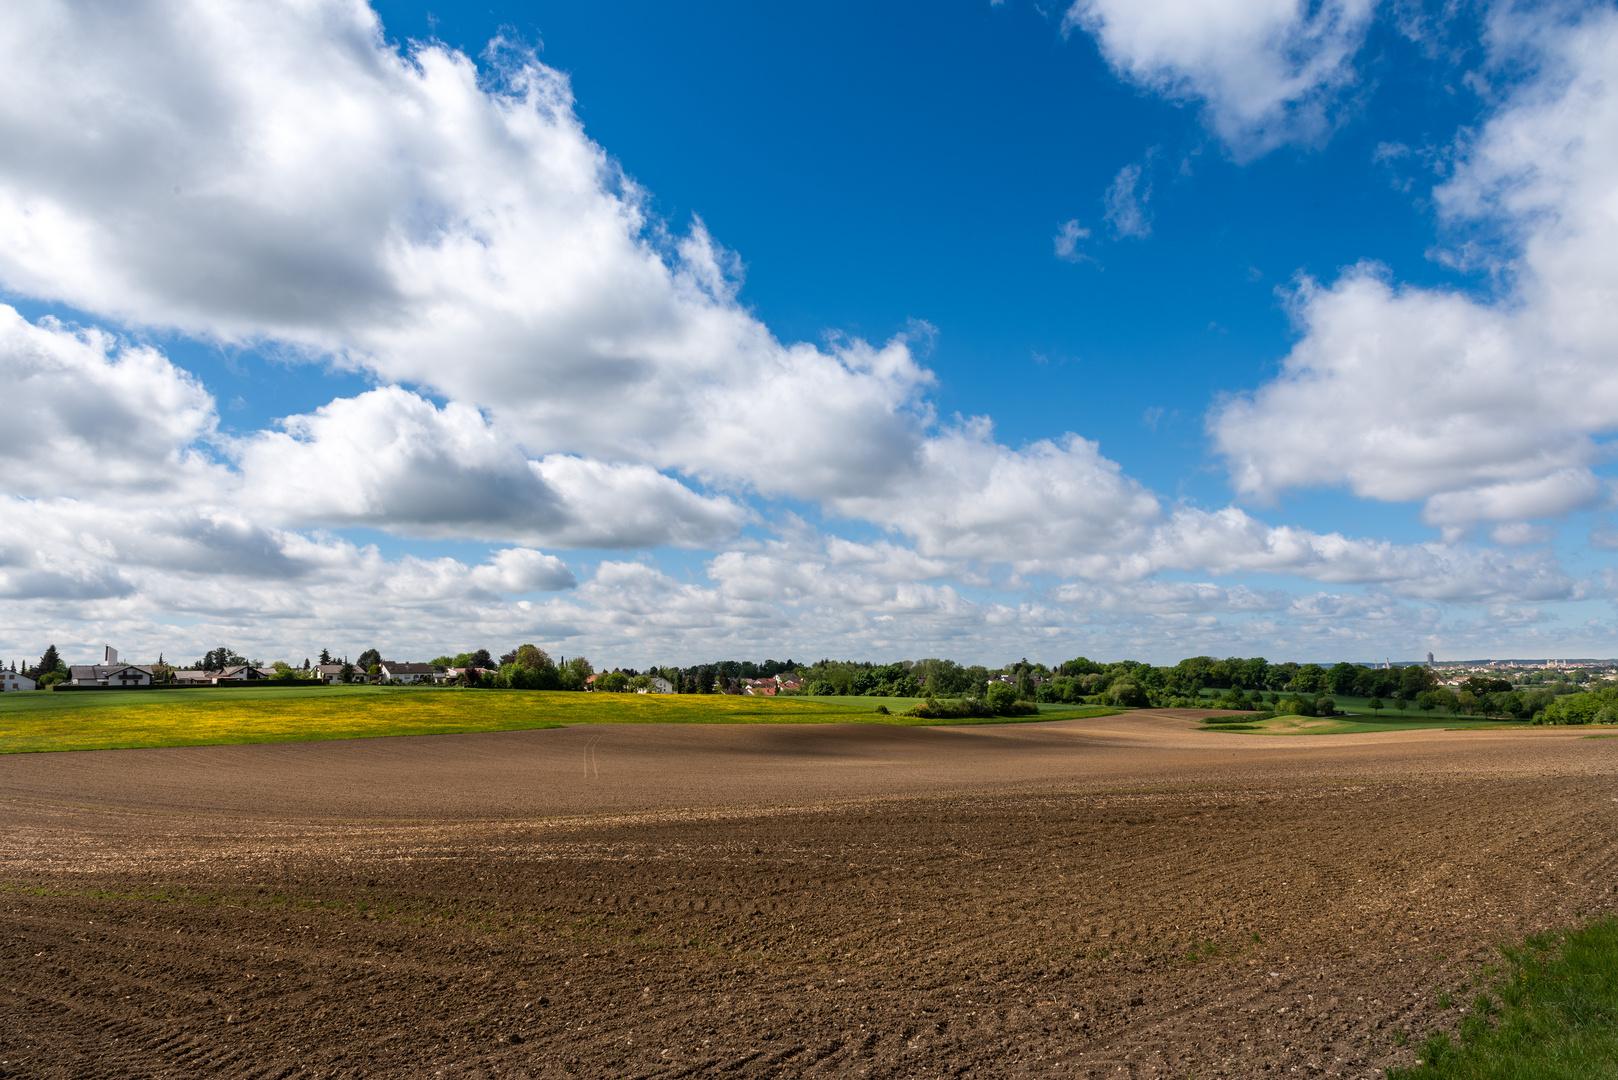 Der Mai - ein Garant für tolle Wolkenstimmungen